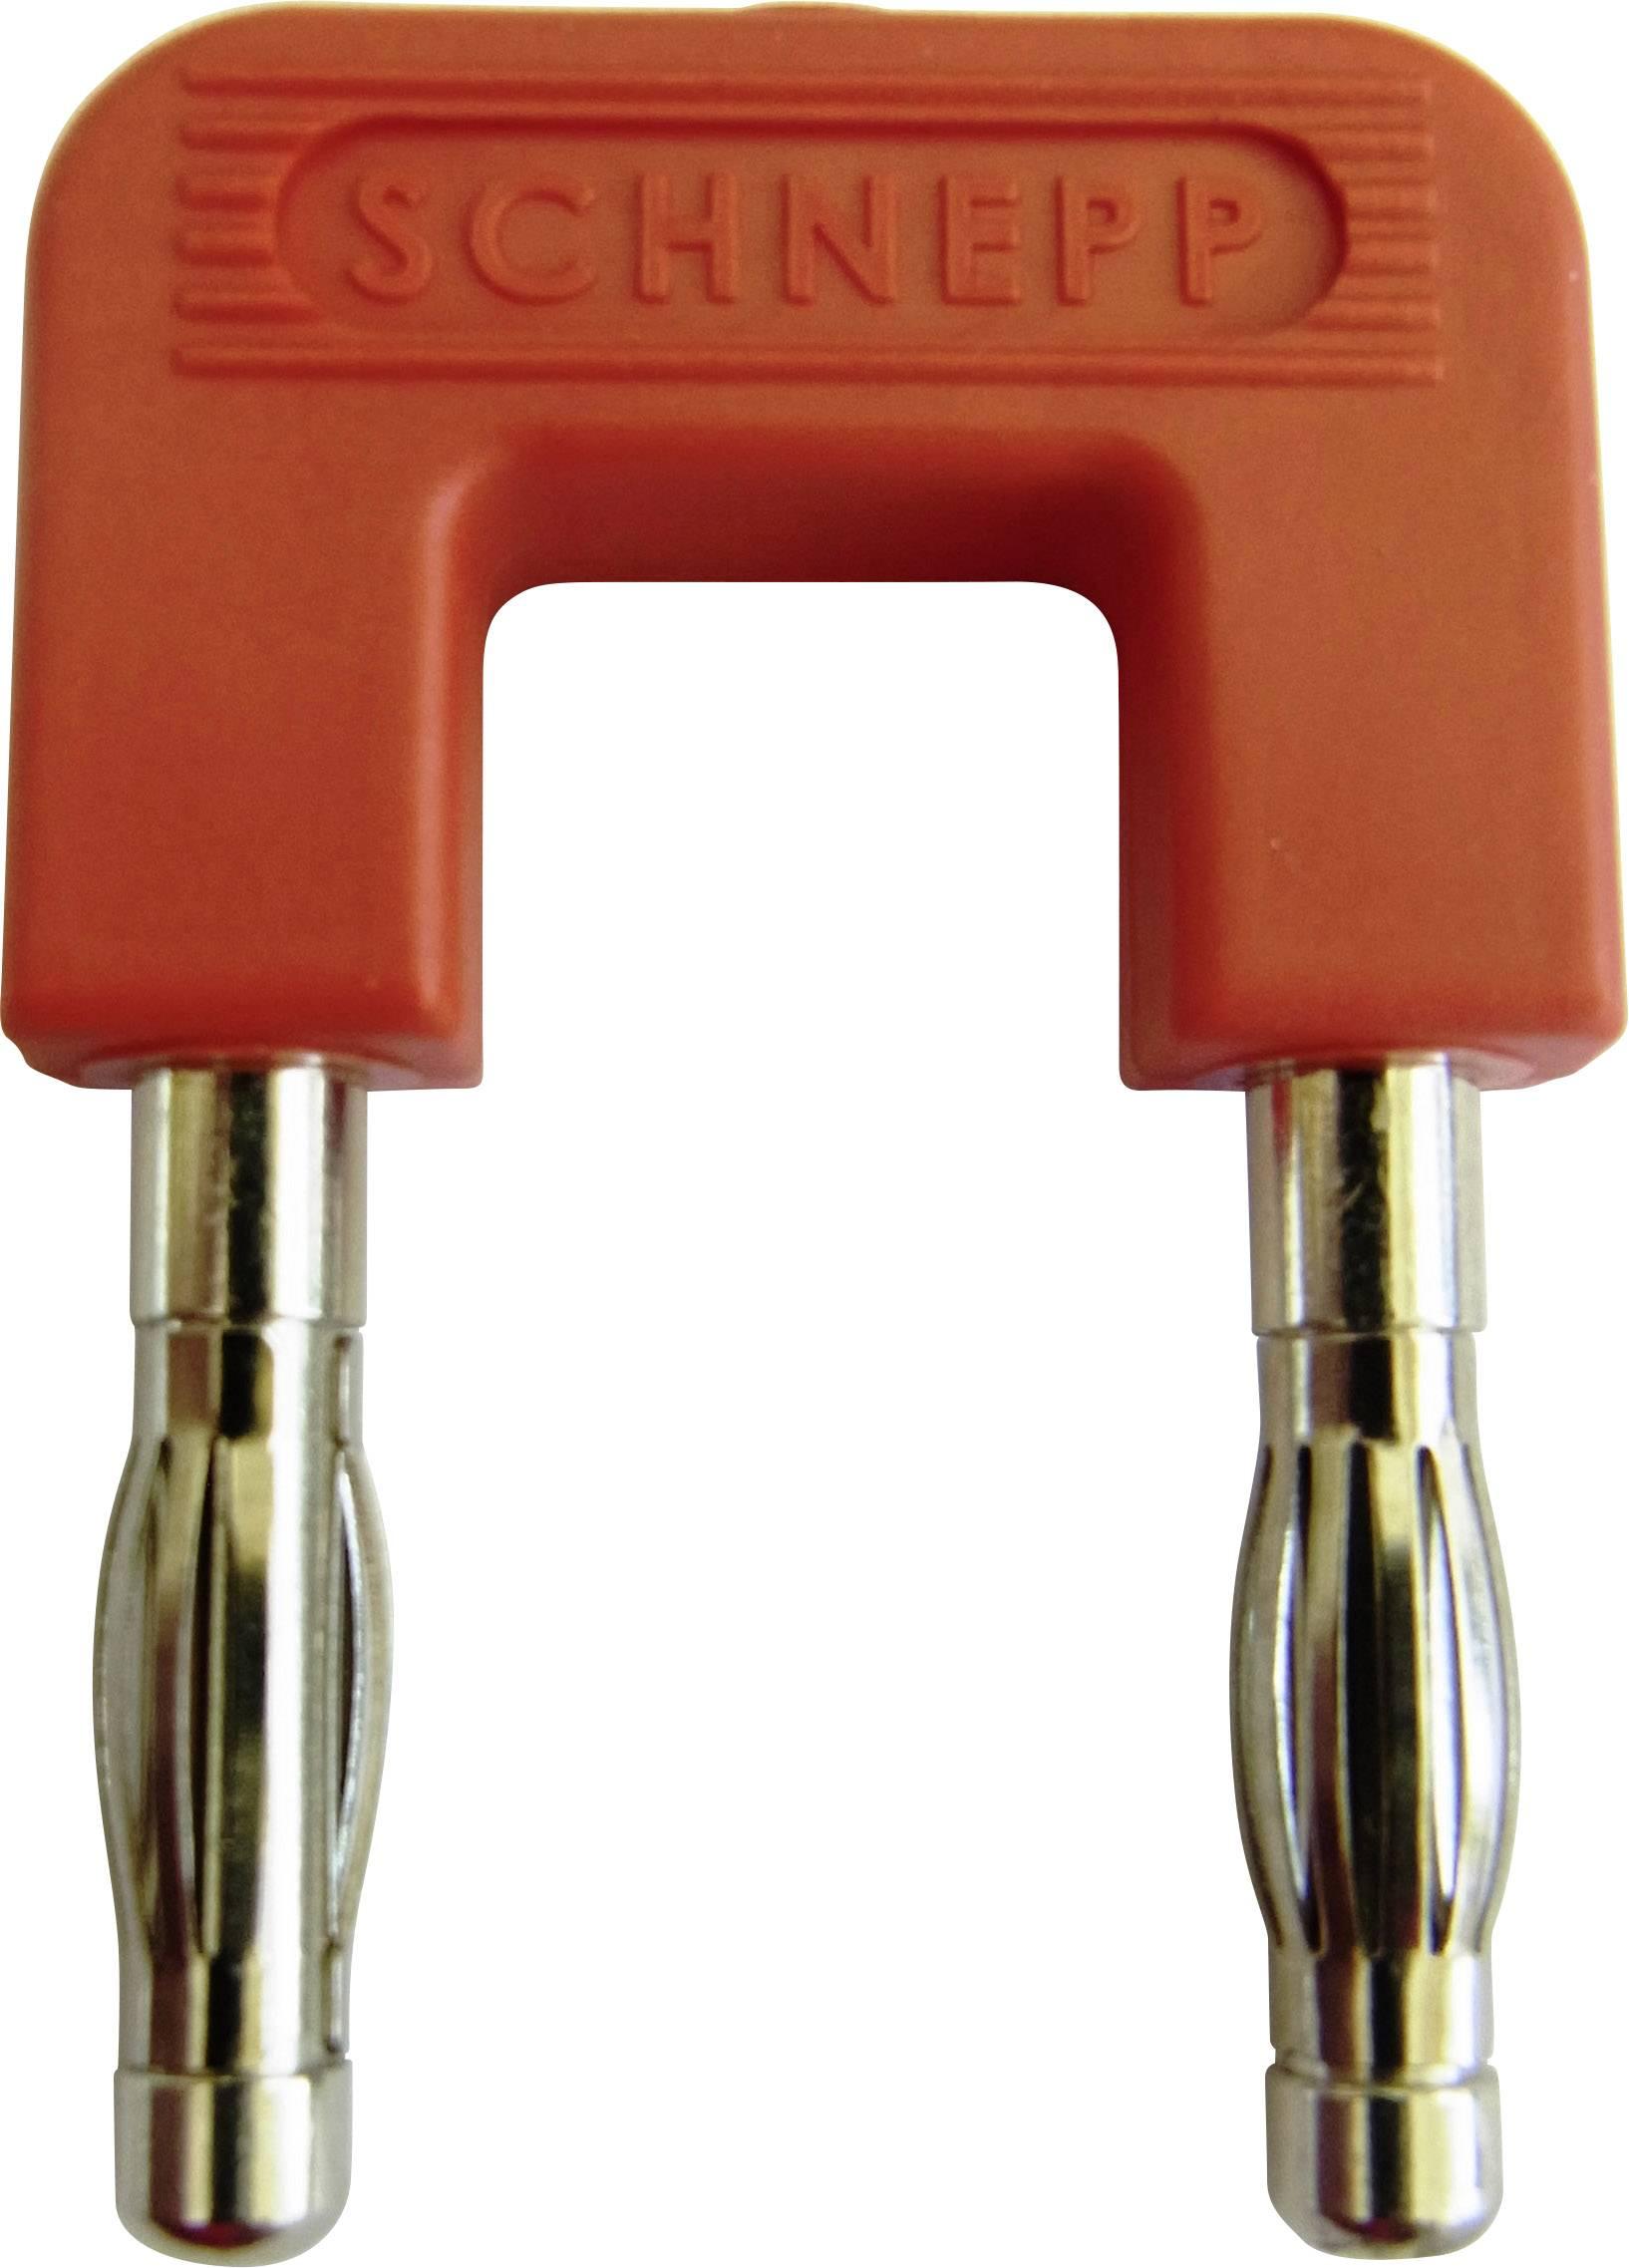 Skratovací mostík Schnepp 19/4rt, Ø hrotu 4 mm, rozostup hrotov 19 mm, červená, 1 ks